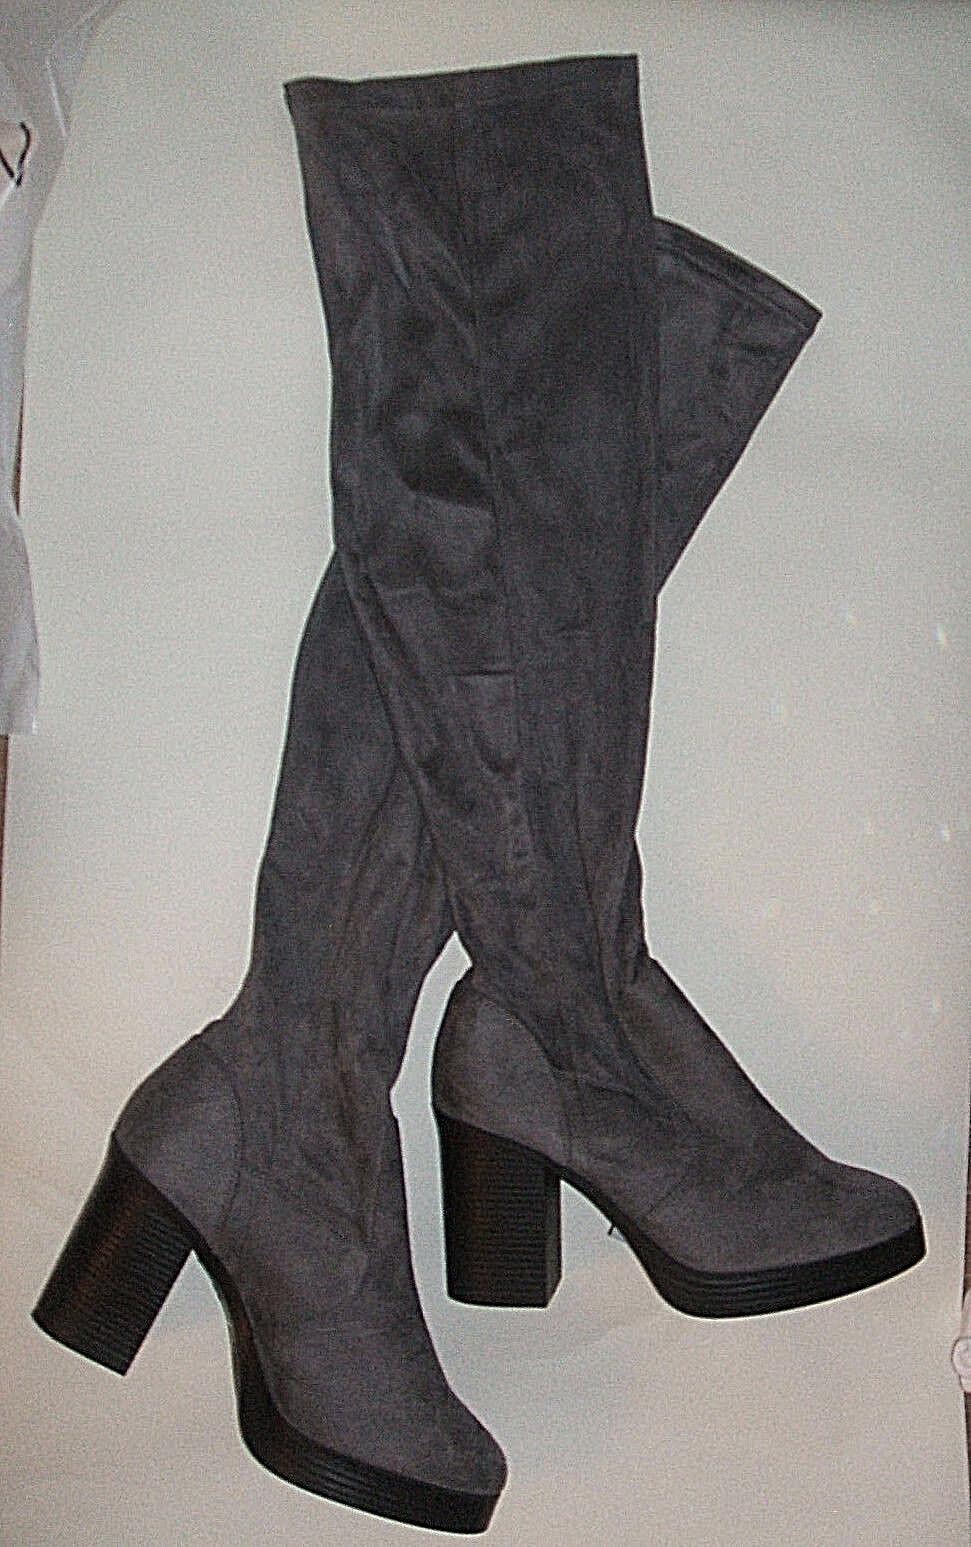 NEW LOOK damen Größe 8 42 grau DEBBIE SEXY FX SUEDE OVER KNEE HIGH THIGH Stiefel